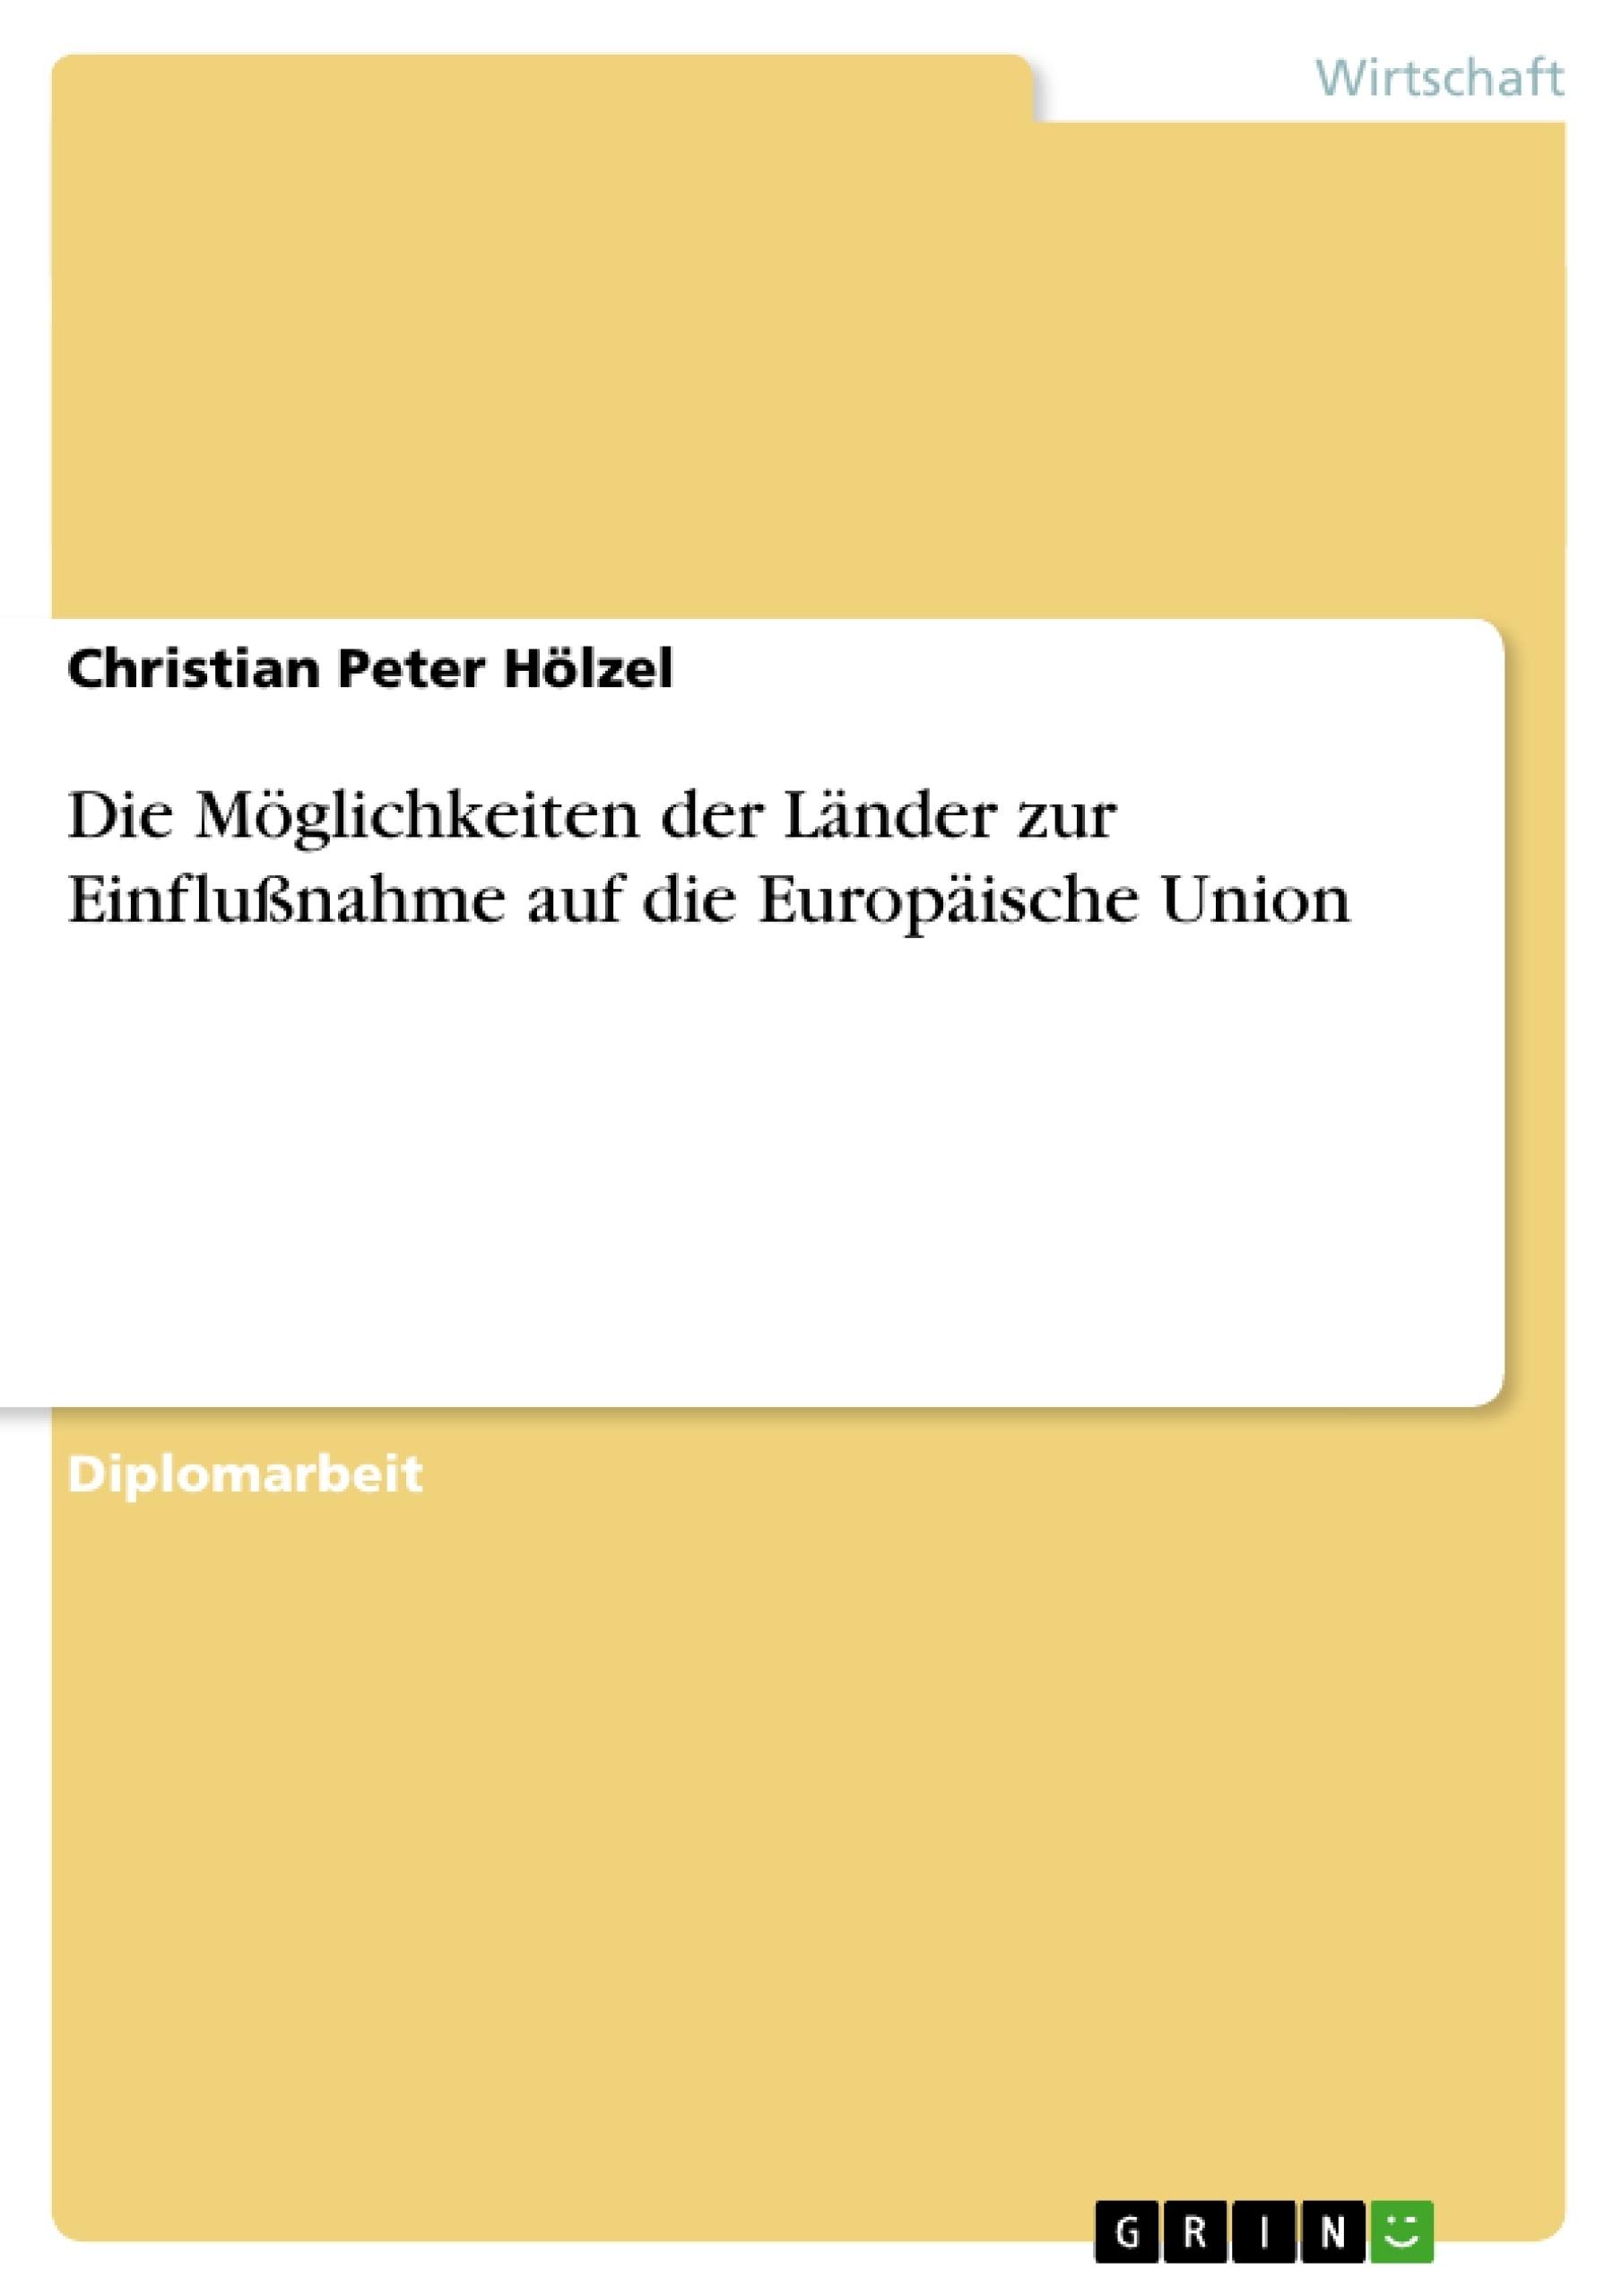 Titel: Die Möglichkeiten der Länder zur Einflußnahme auf die Europäische Union